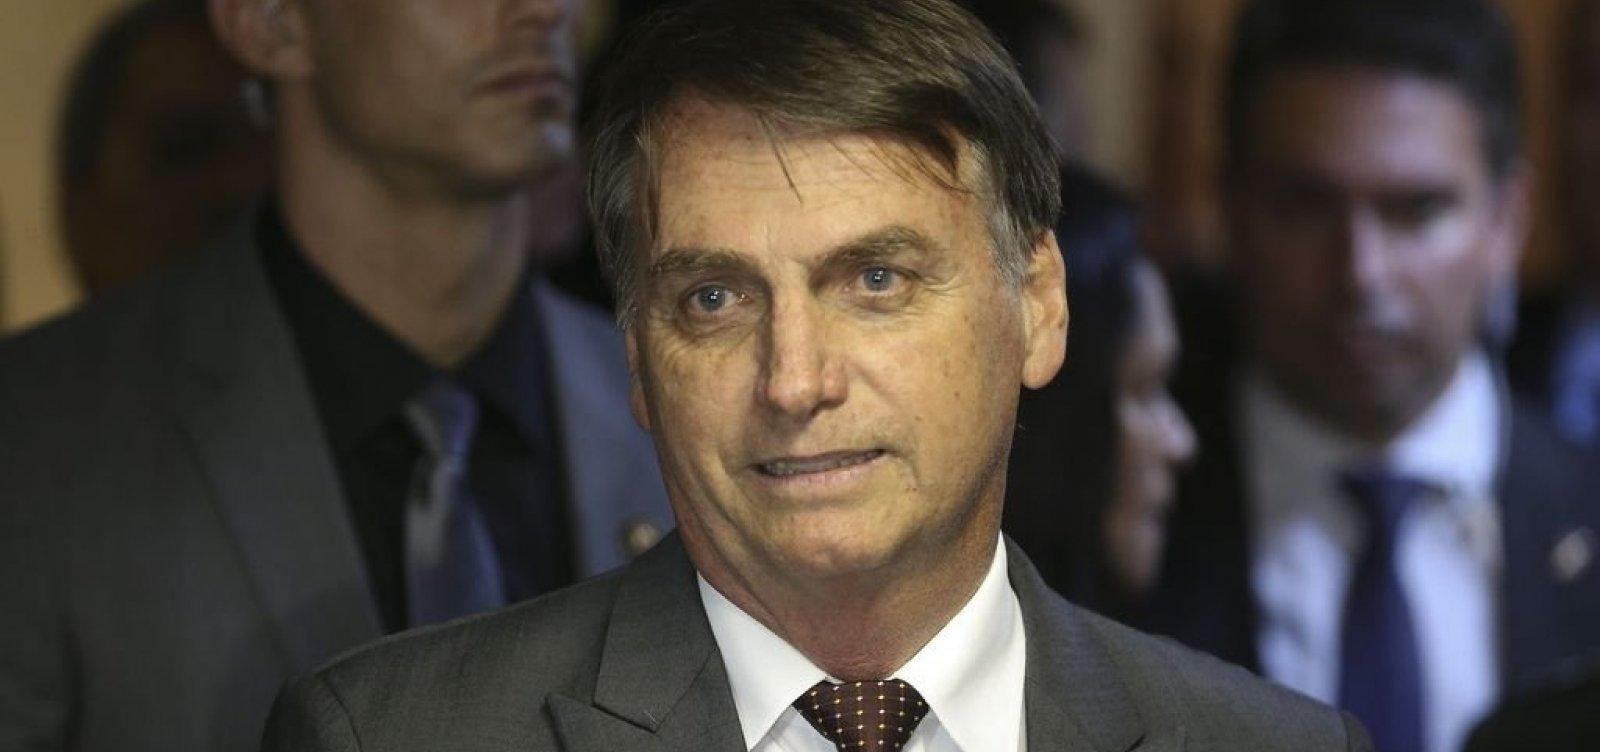 [Bolsonaro minimiza acusações contra novo ministro da Saúde: 'Nem é réu ainda']